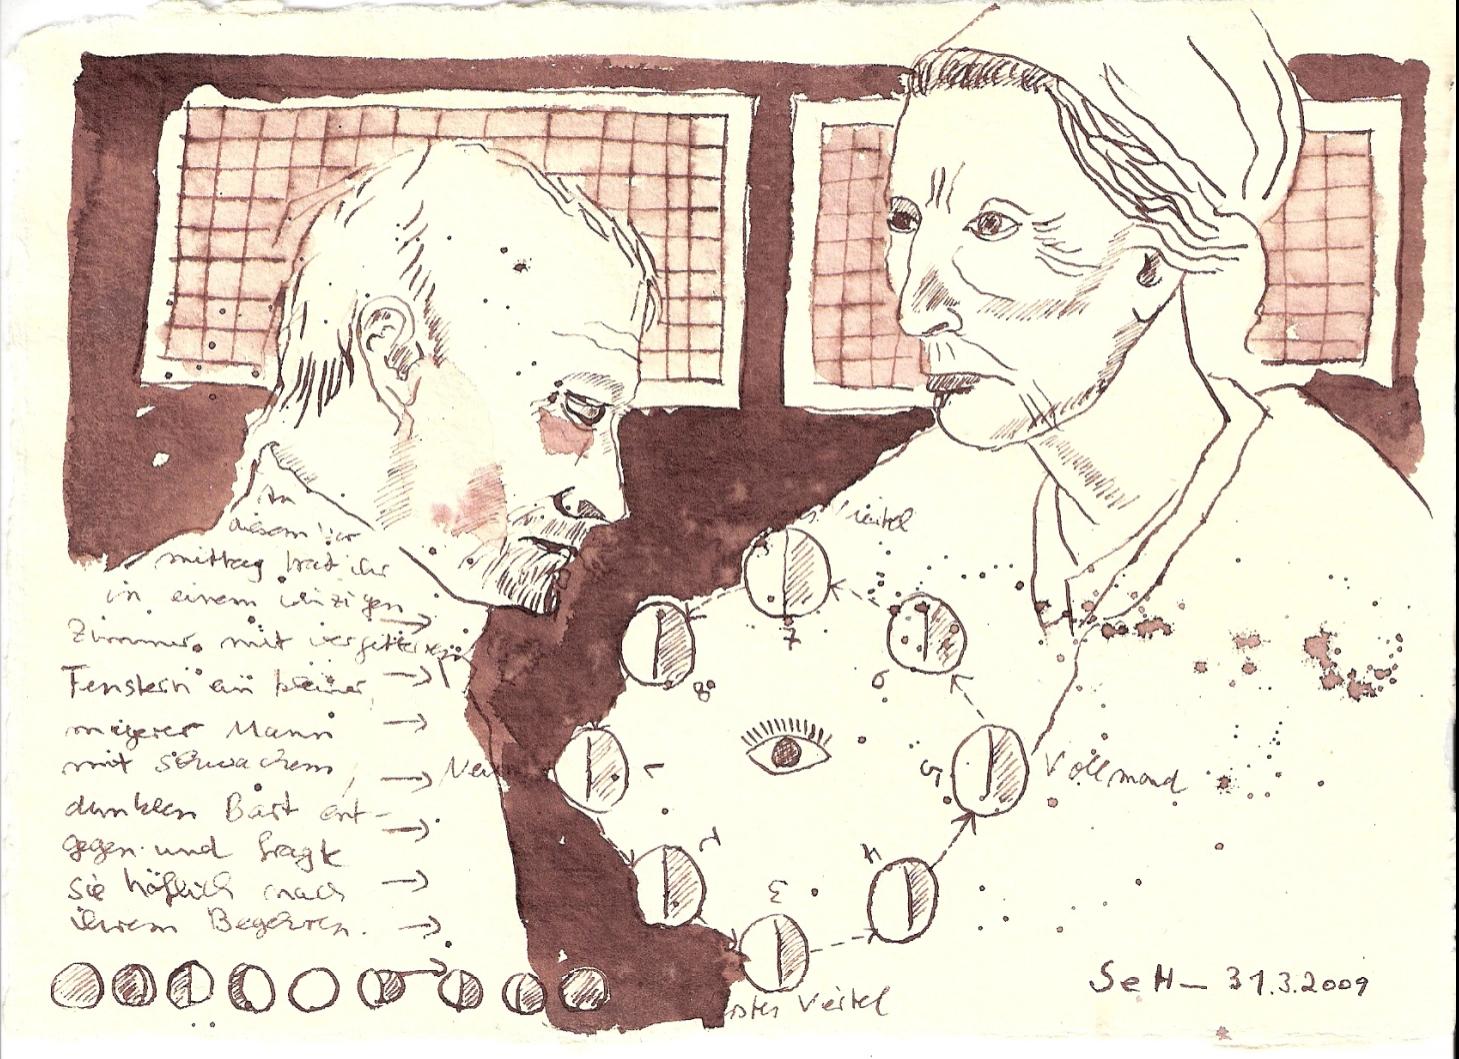 """""""An diesem Vormittag trat ihr in einem winzigen Zimmer mit vergitterten Fenstern ein kleiner, magerer Mann mit schwachem, dunklem Bart entgegen"""", Tusche auf Silberburg Büttenpapier 15 x 20 cm, 2009(c) Zeichnung von Susanne"""